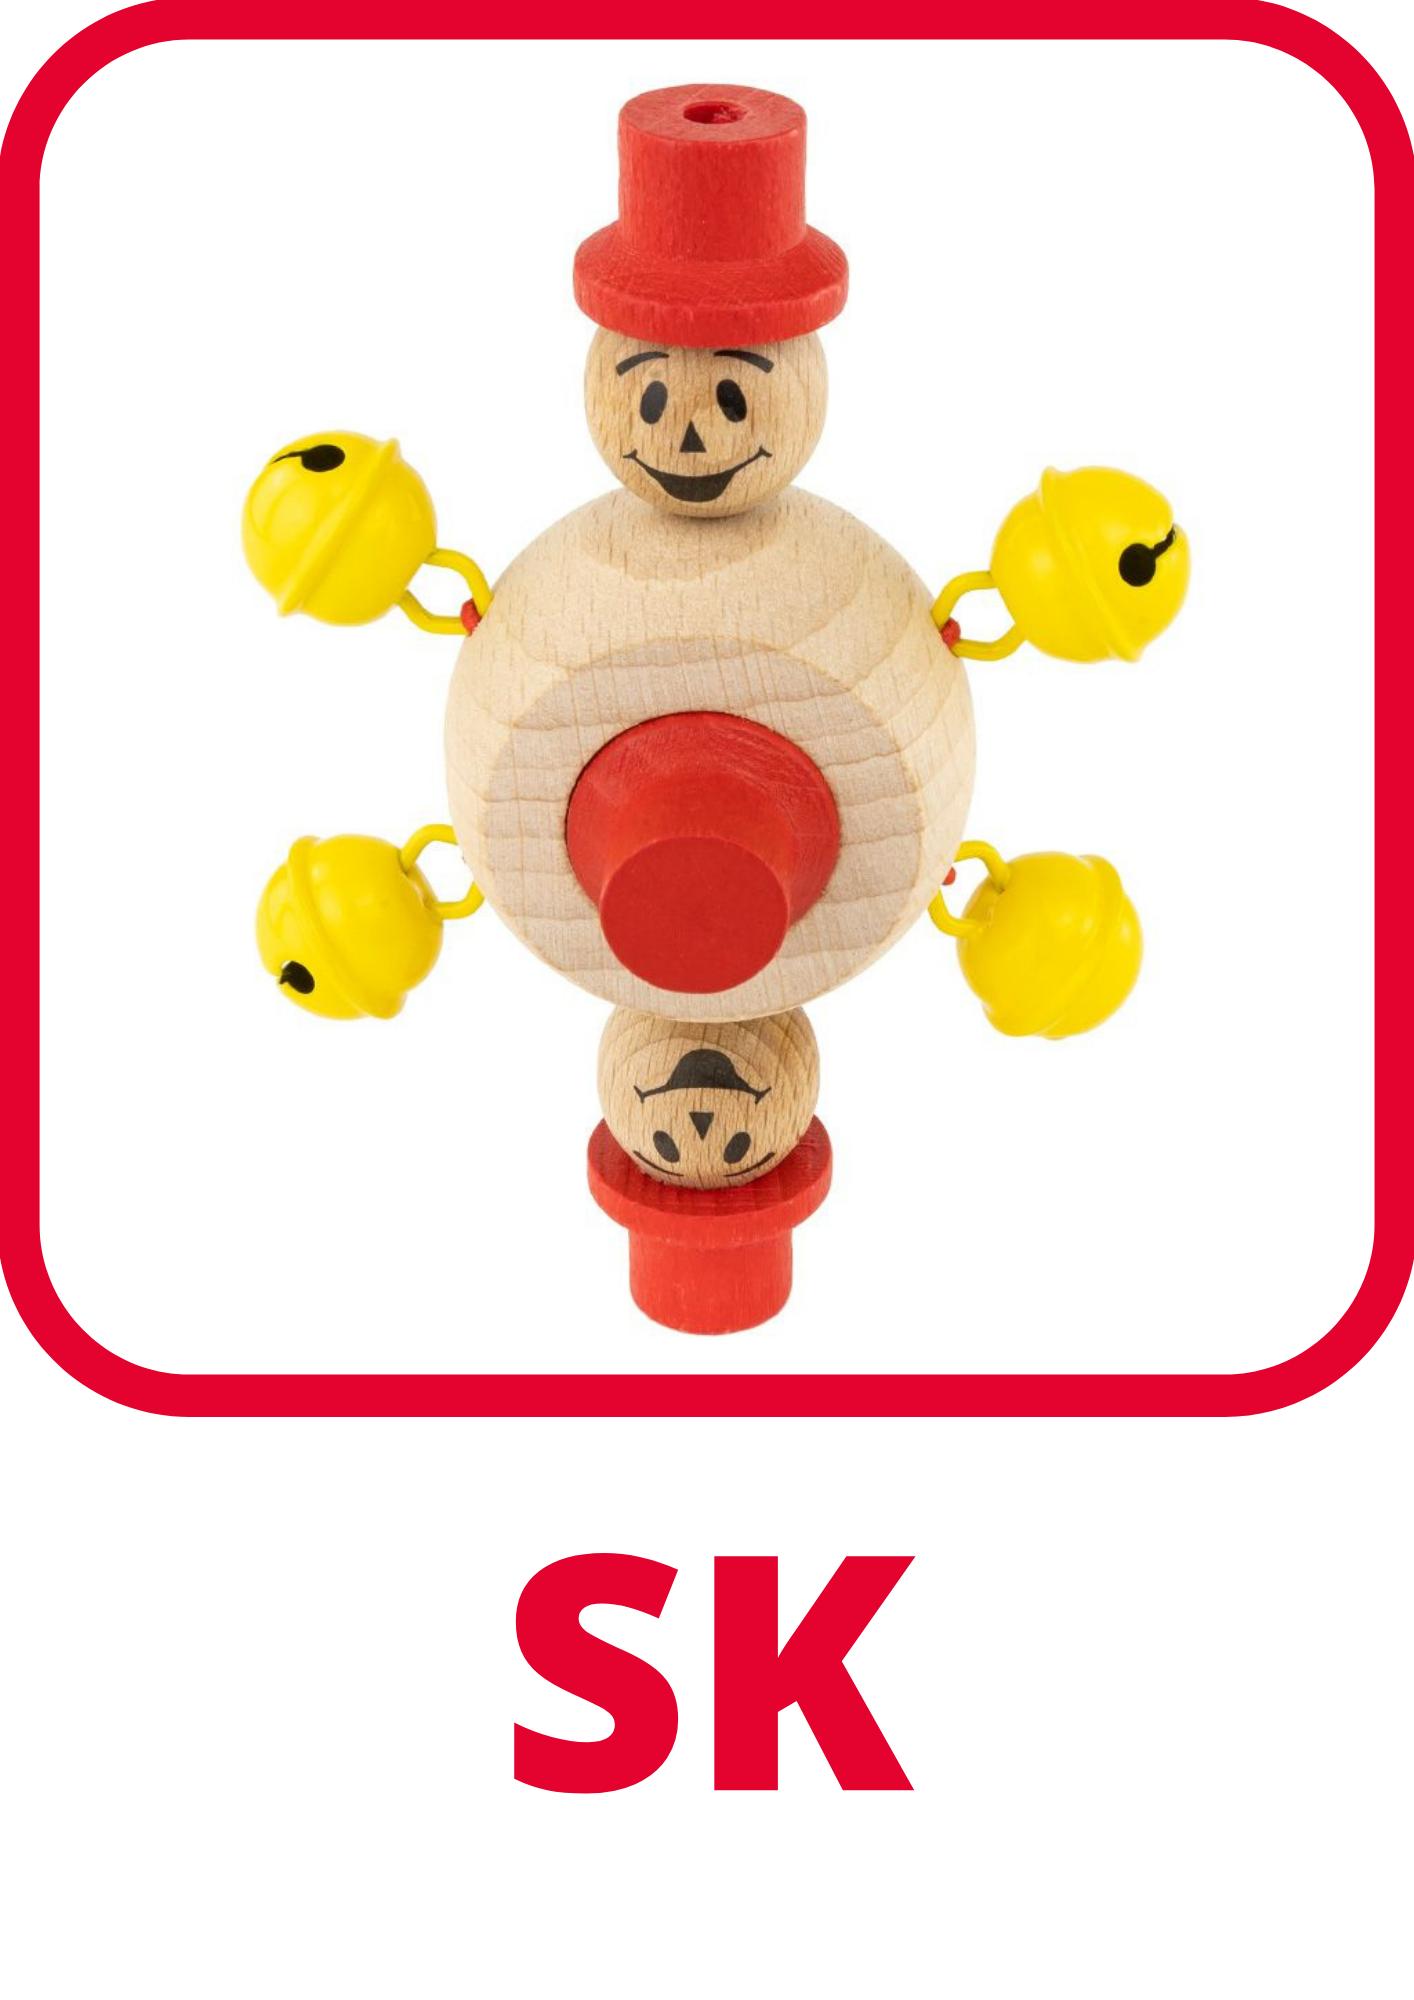 SK_glock